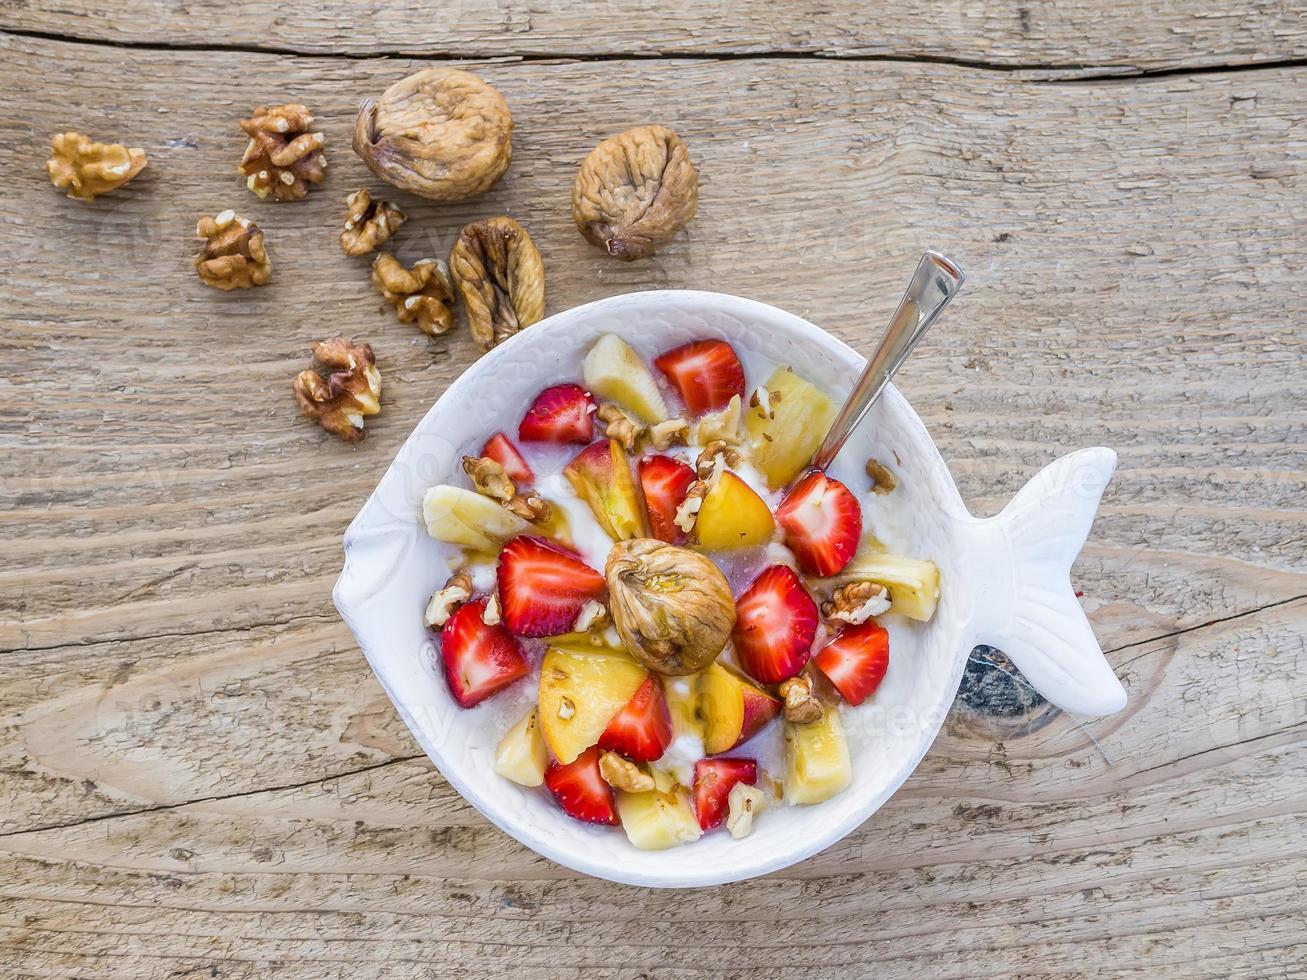 Bowl of fruit, walnuts and yogurt photo